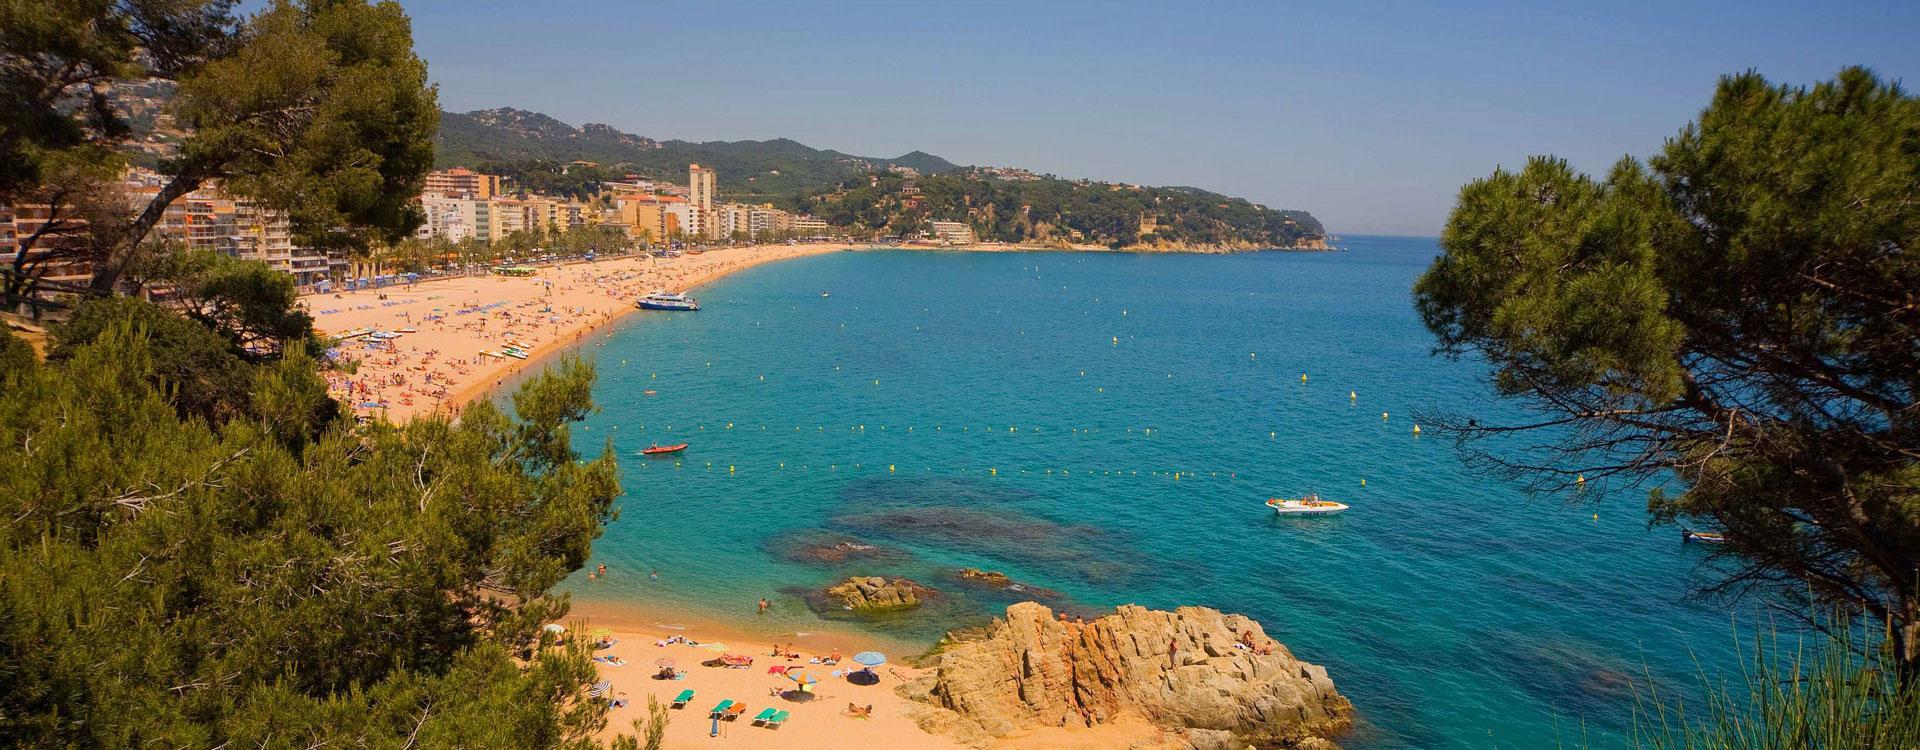 Испания коста брава фото пляжей и набережной